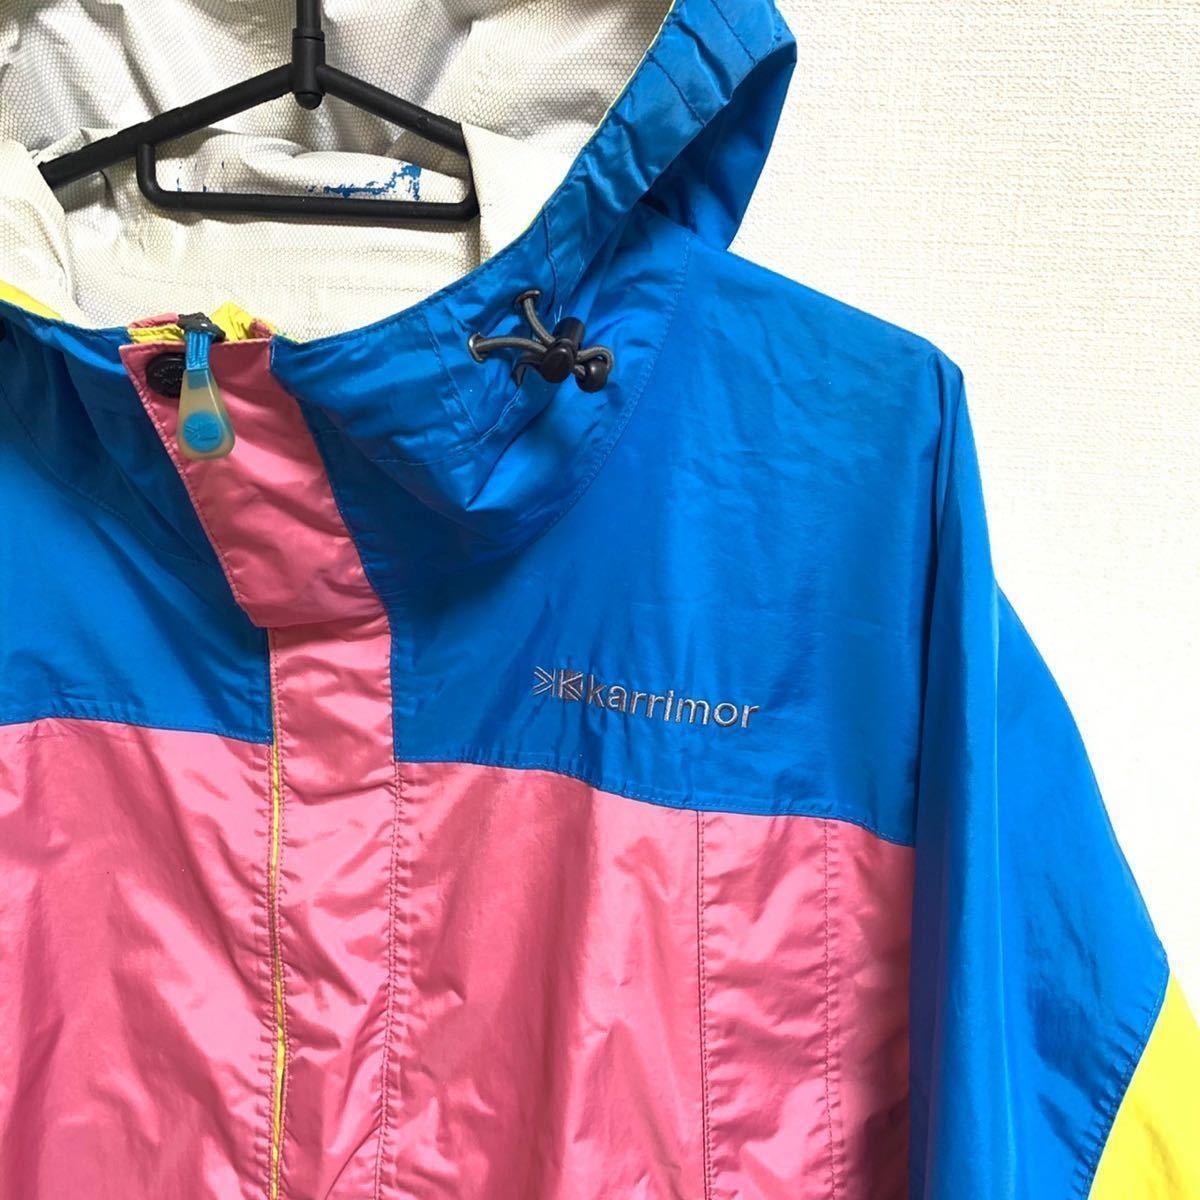 【レア】●karrimor マウンテンパーカー カリマー クレイジーカラー ピンク ナイロン アウトドア クライミング 登山 キャンプ